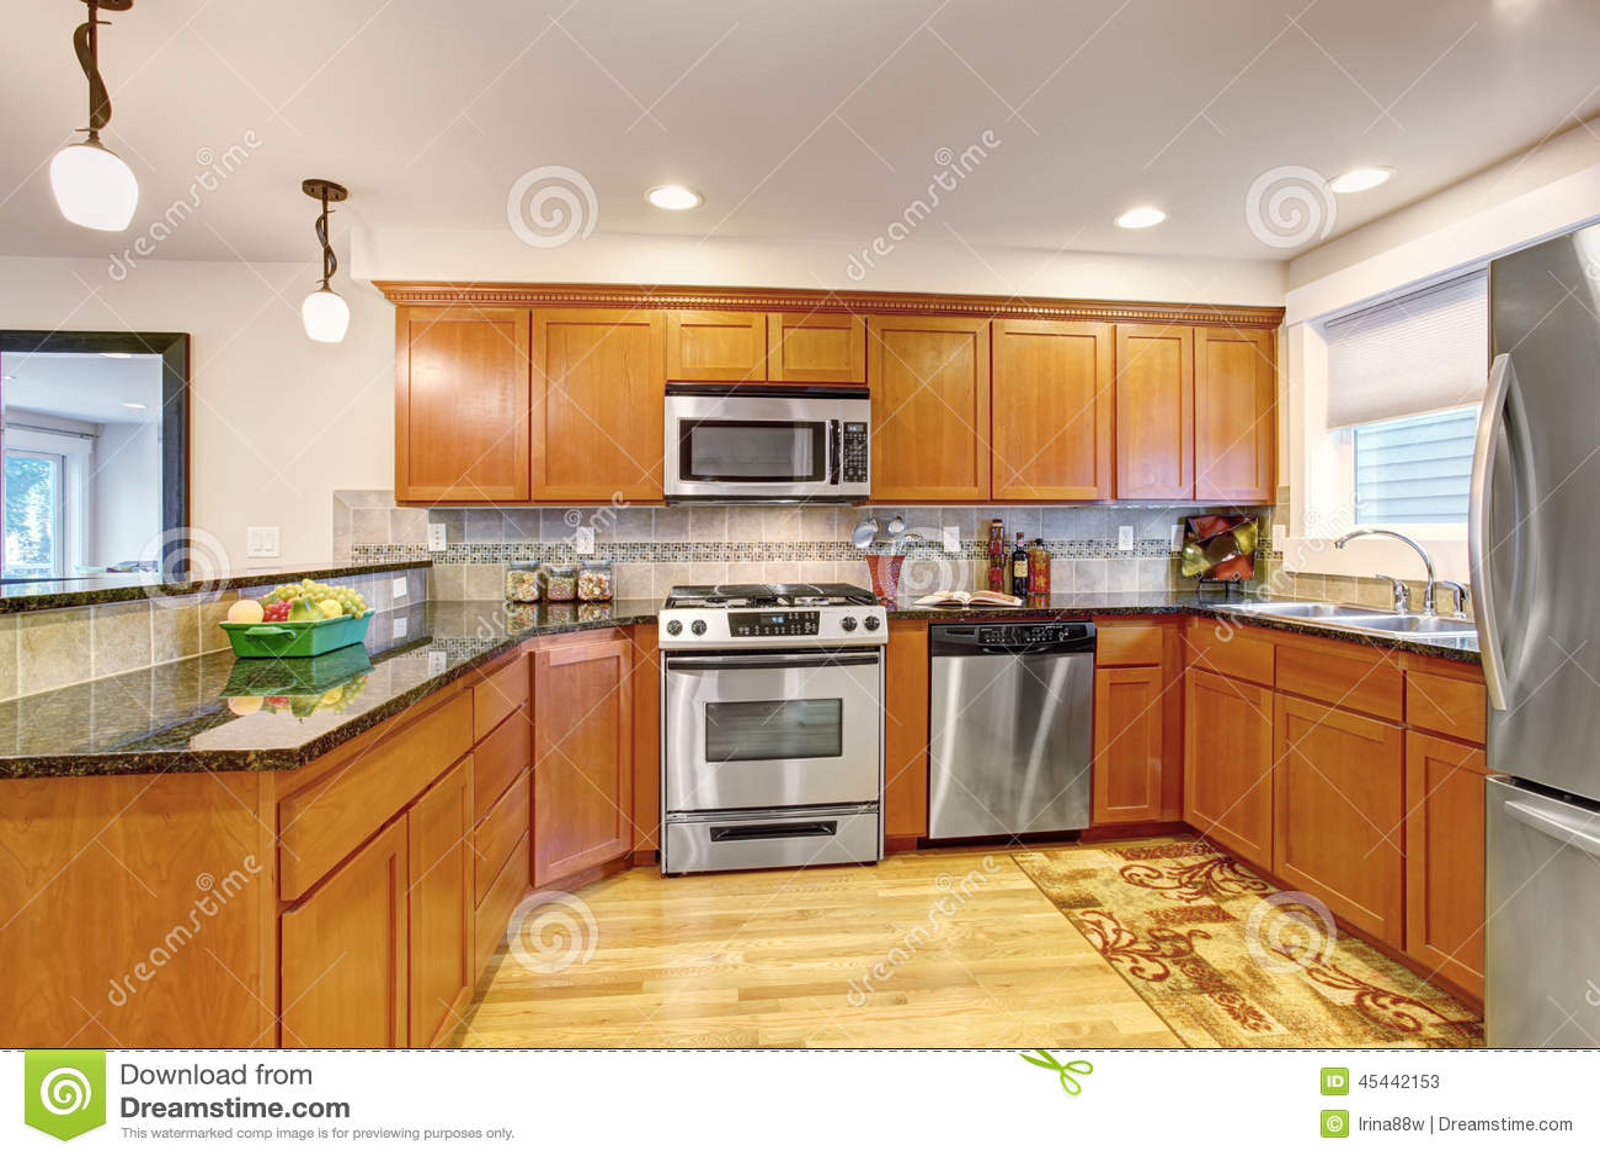 Foto de Stock: Armários de cozinha do bordo com dispositivos e partes  #A68825 1300 957